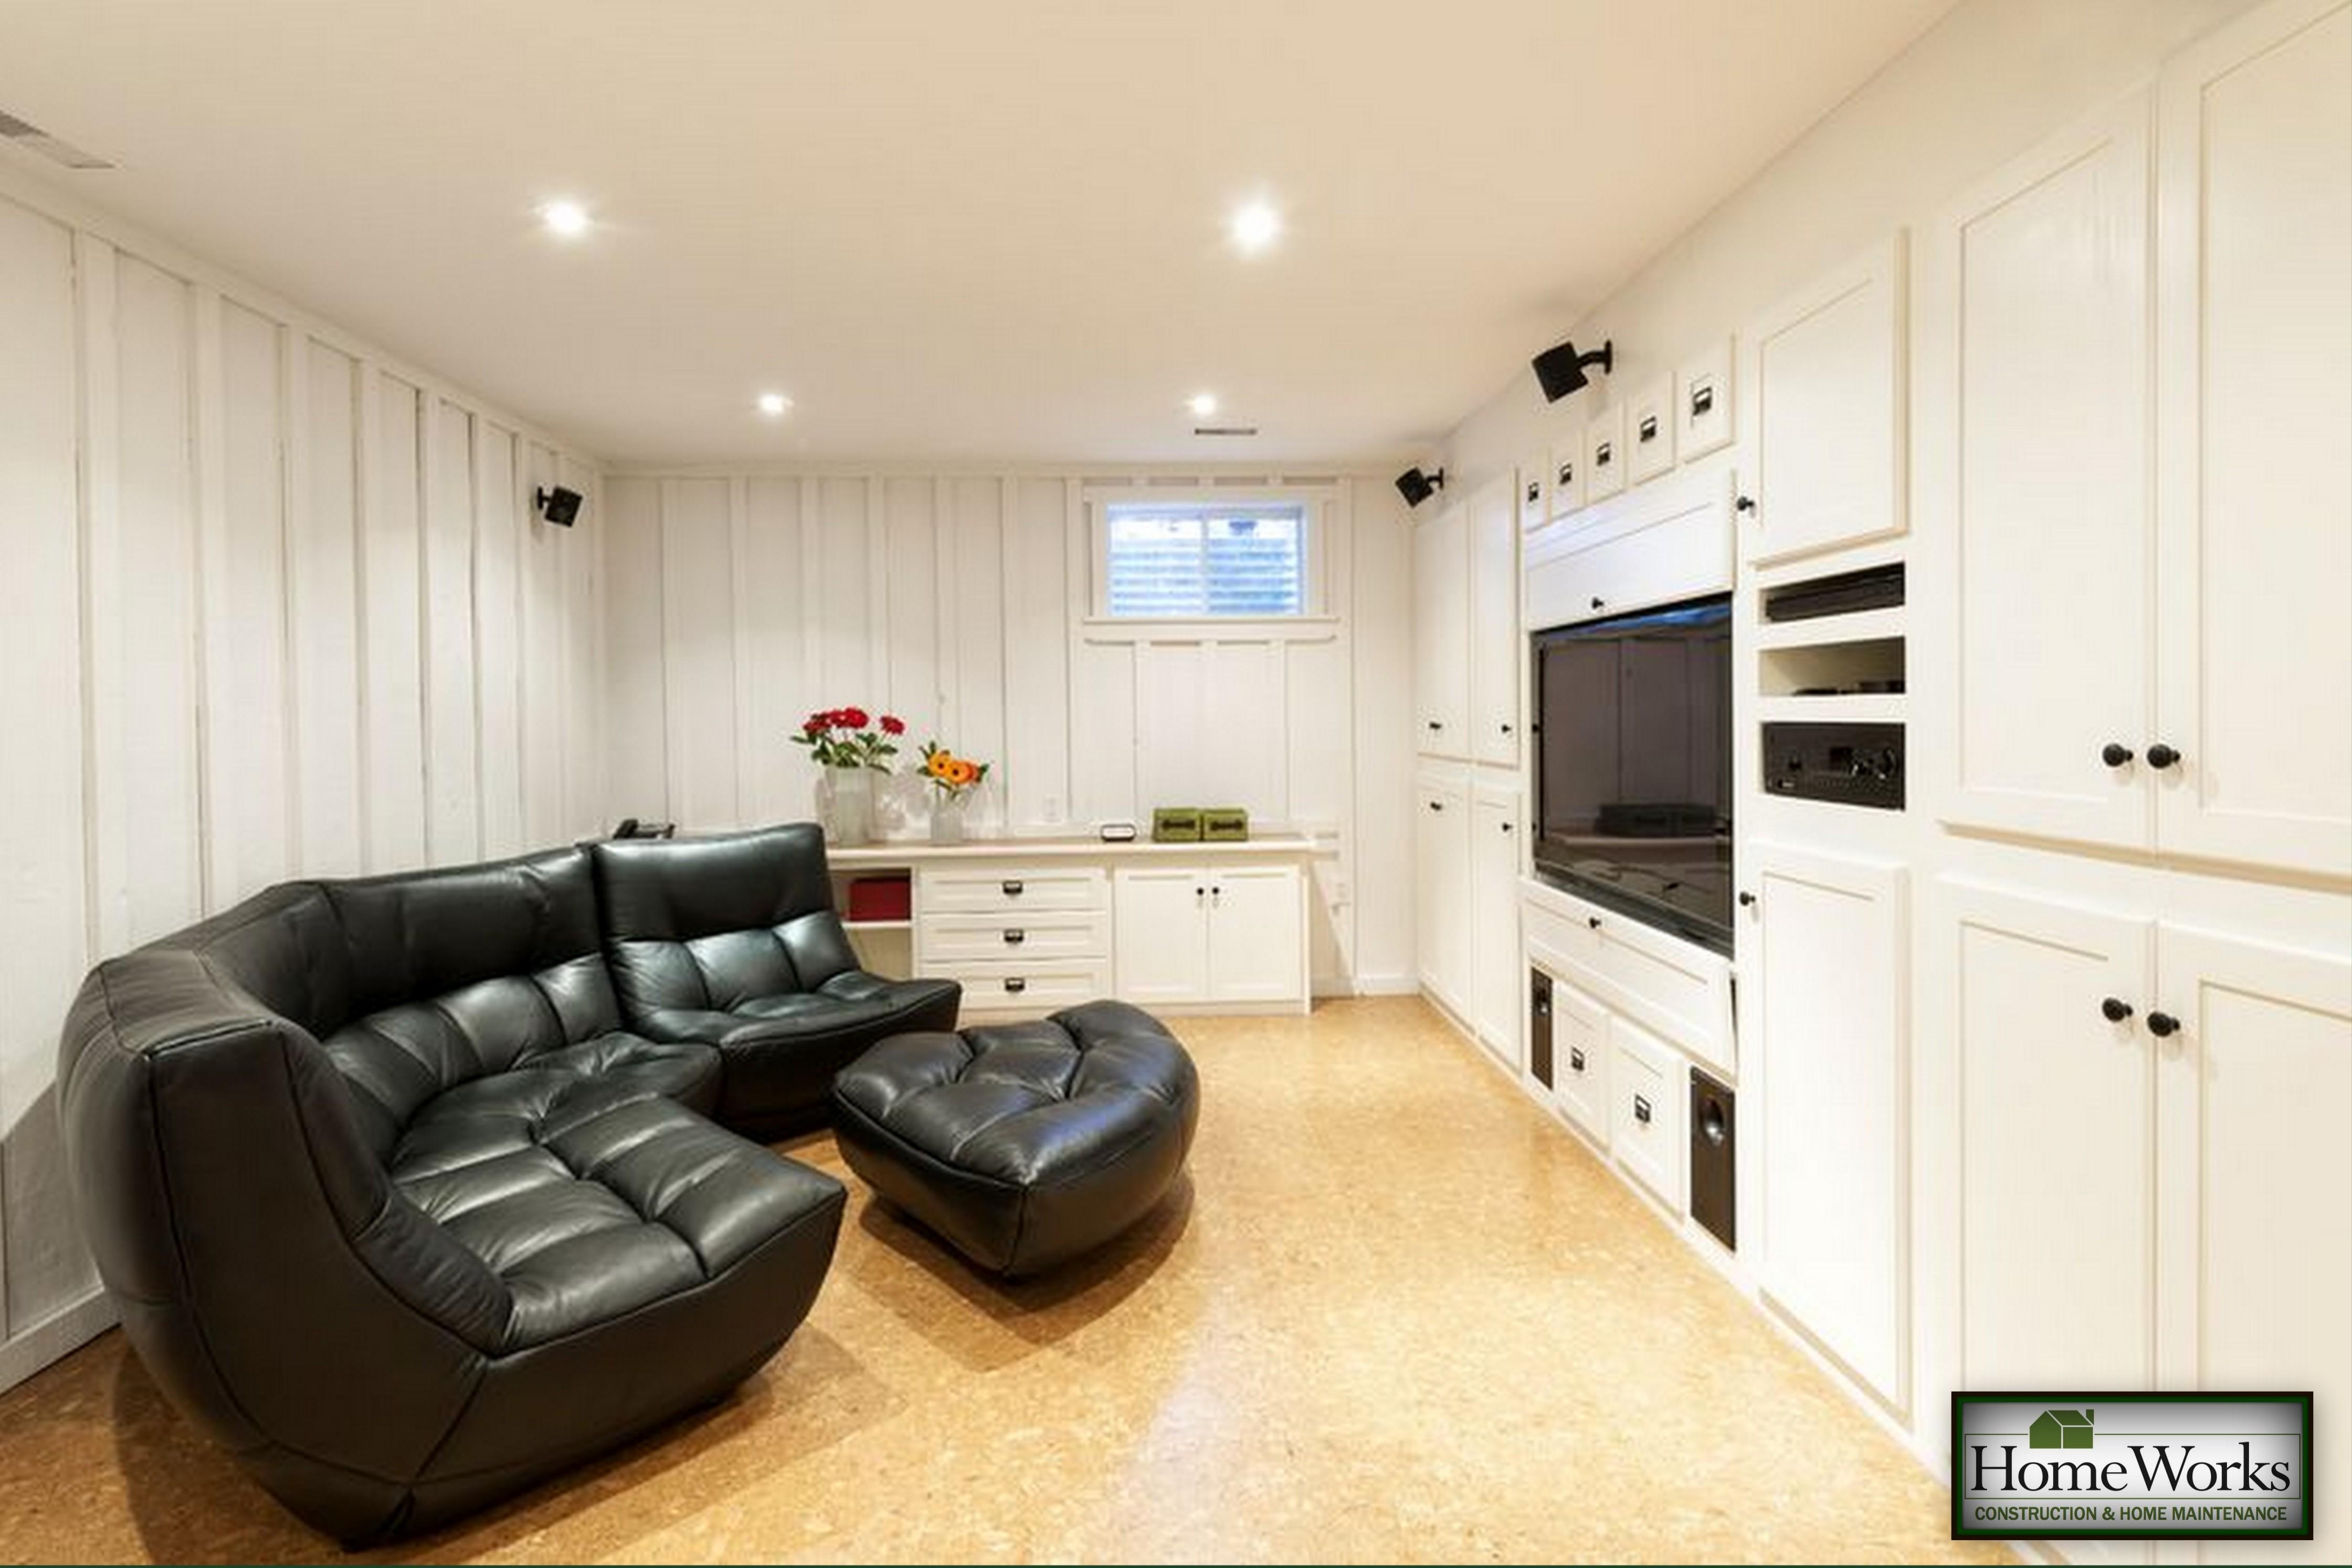 basement remodeling. HomeWorks Basement Remodel Remodeling K